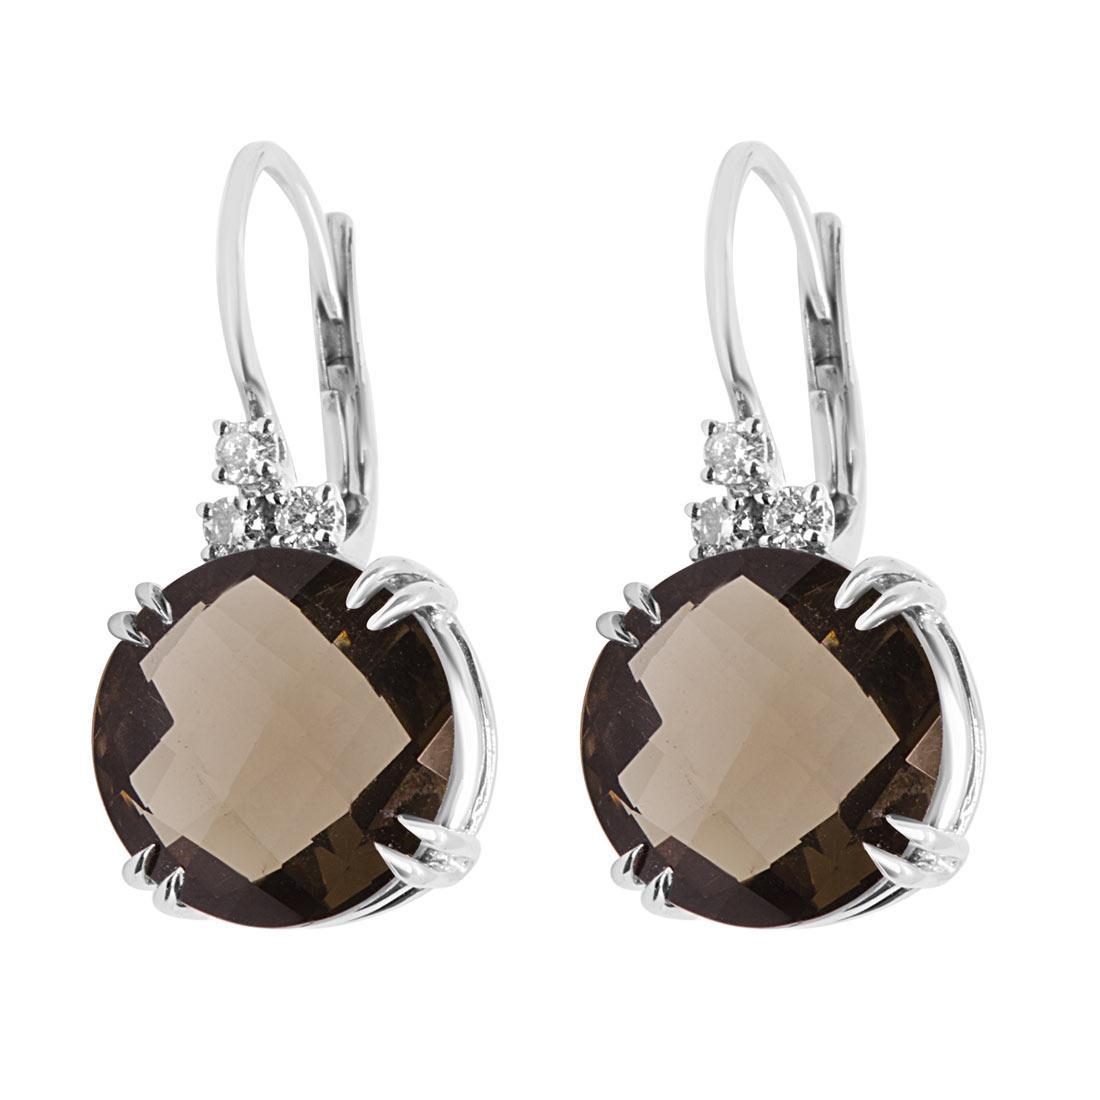 Orecchini in oro bianco con diamanti e pietra semipreziosa - ALFIERI & ST. JOHN